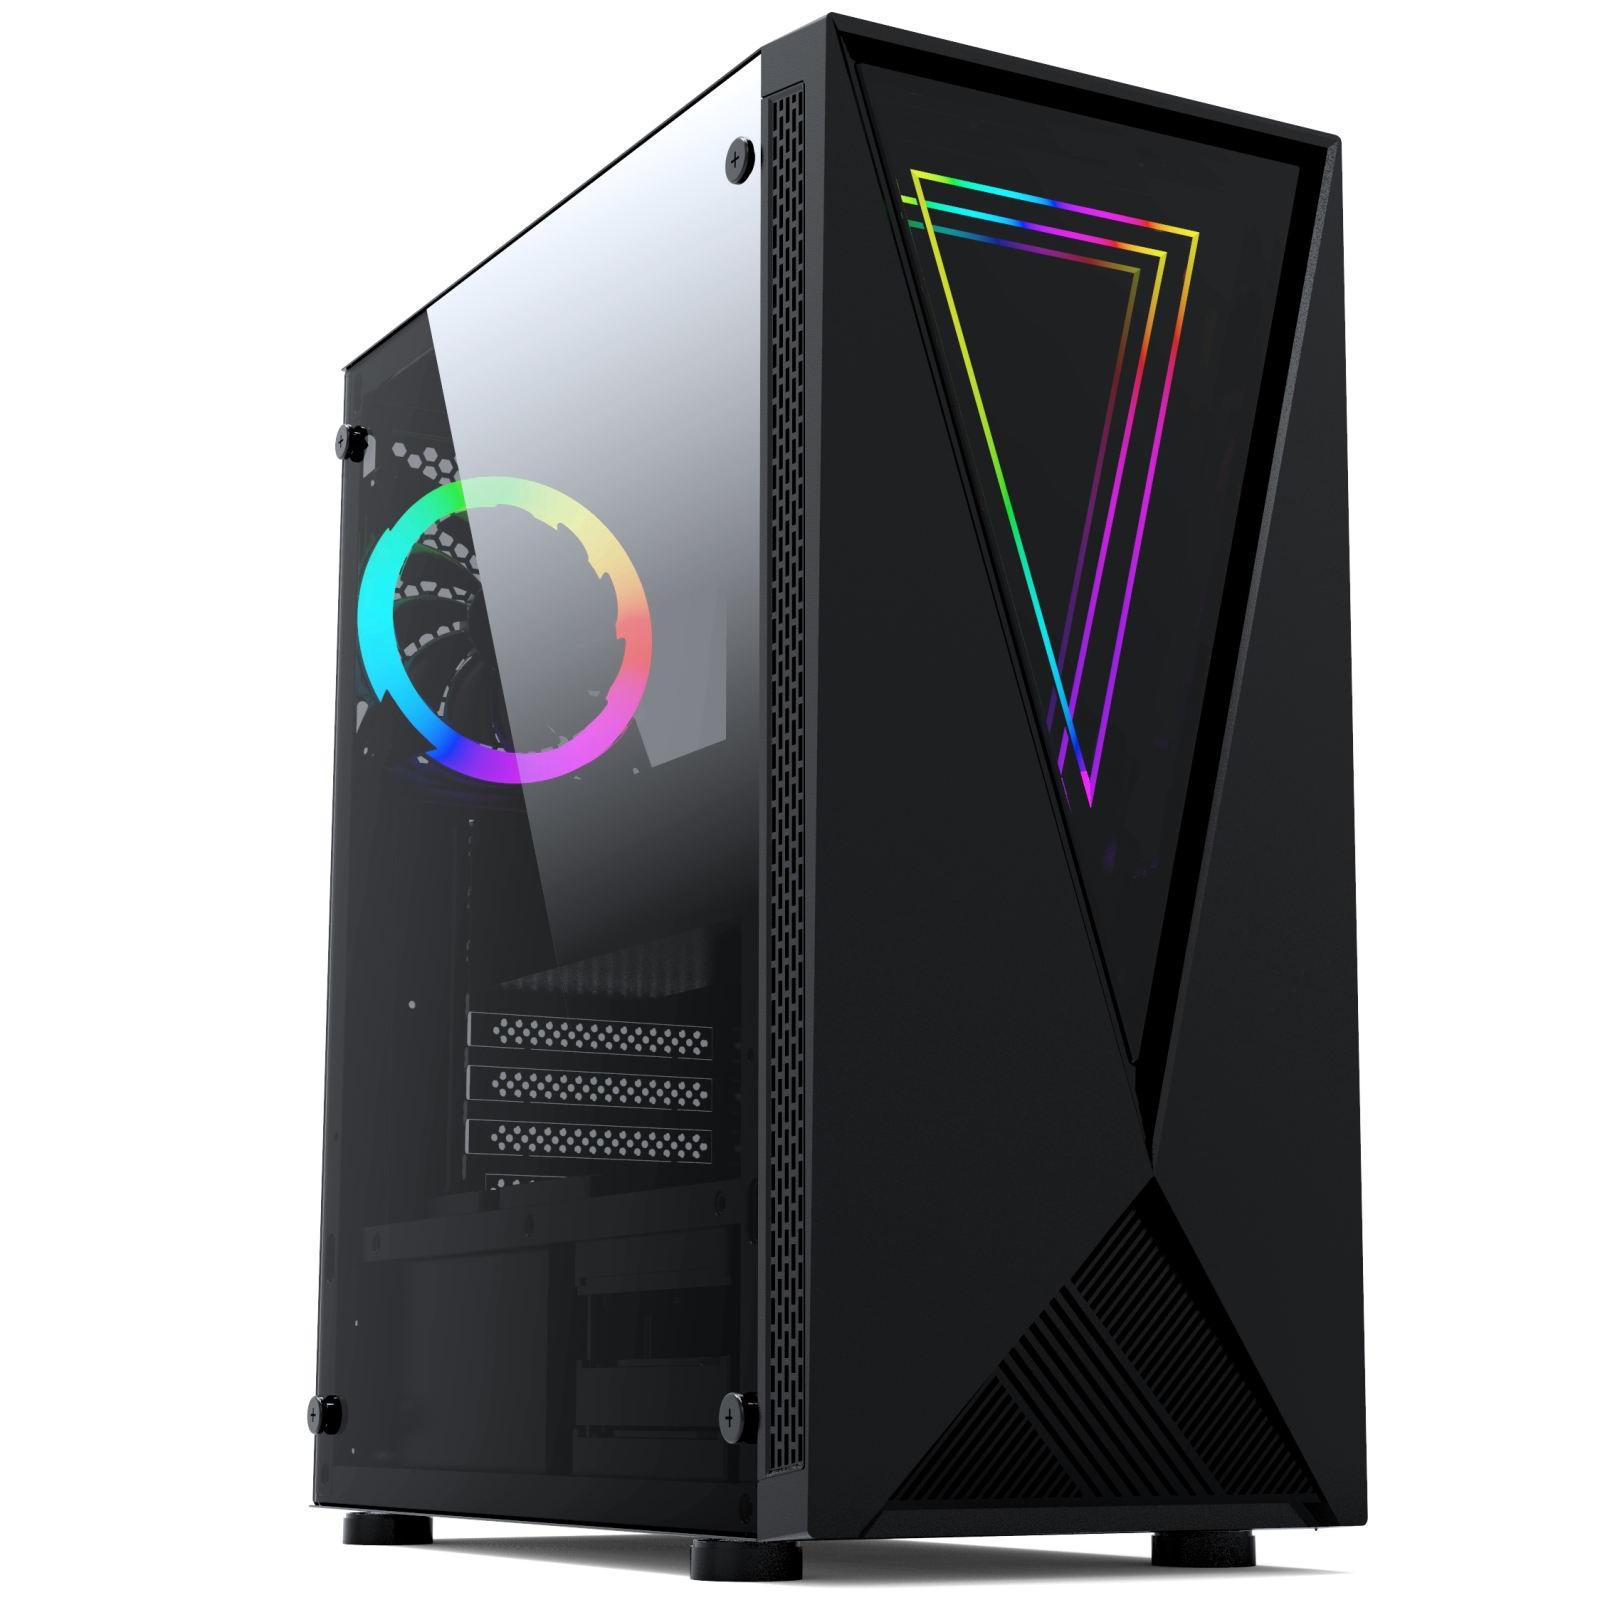 کیس کامپیوتر دیویژن مدل Infinity